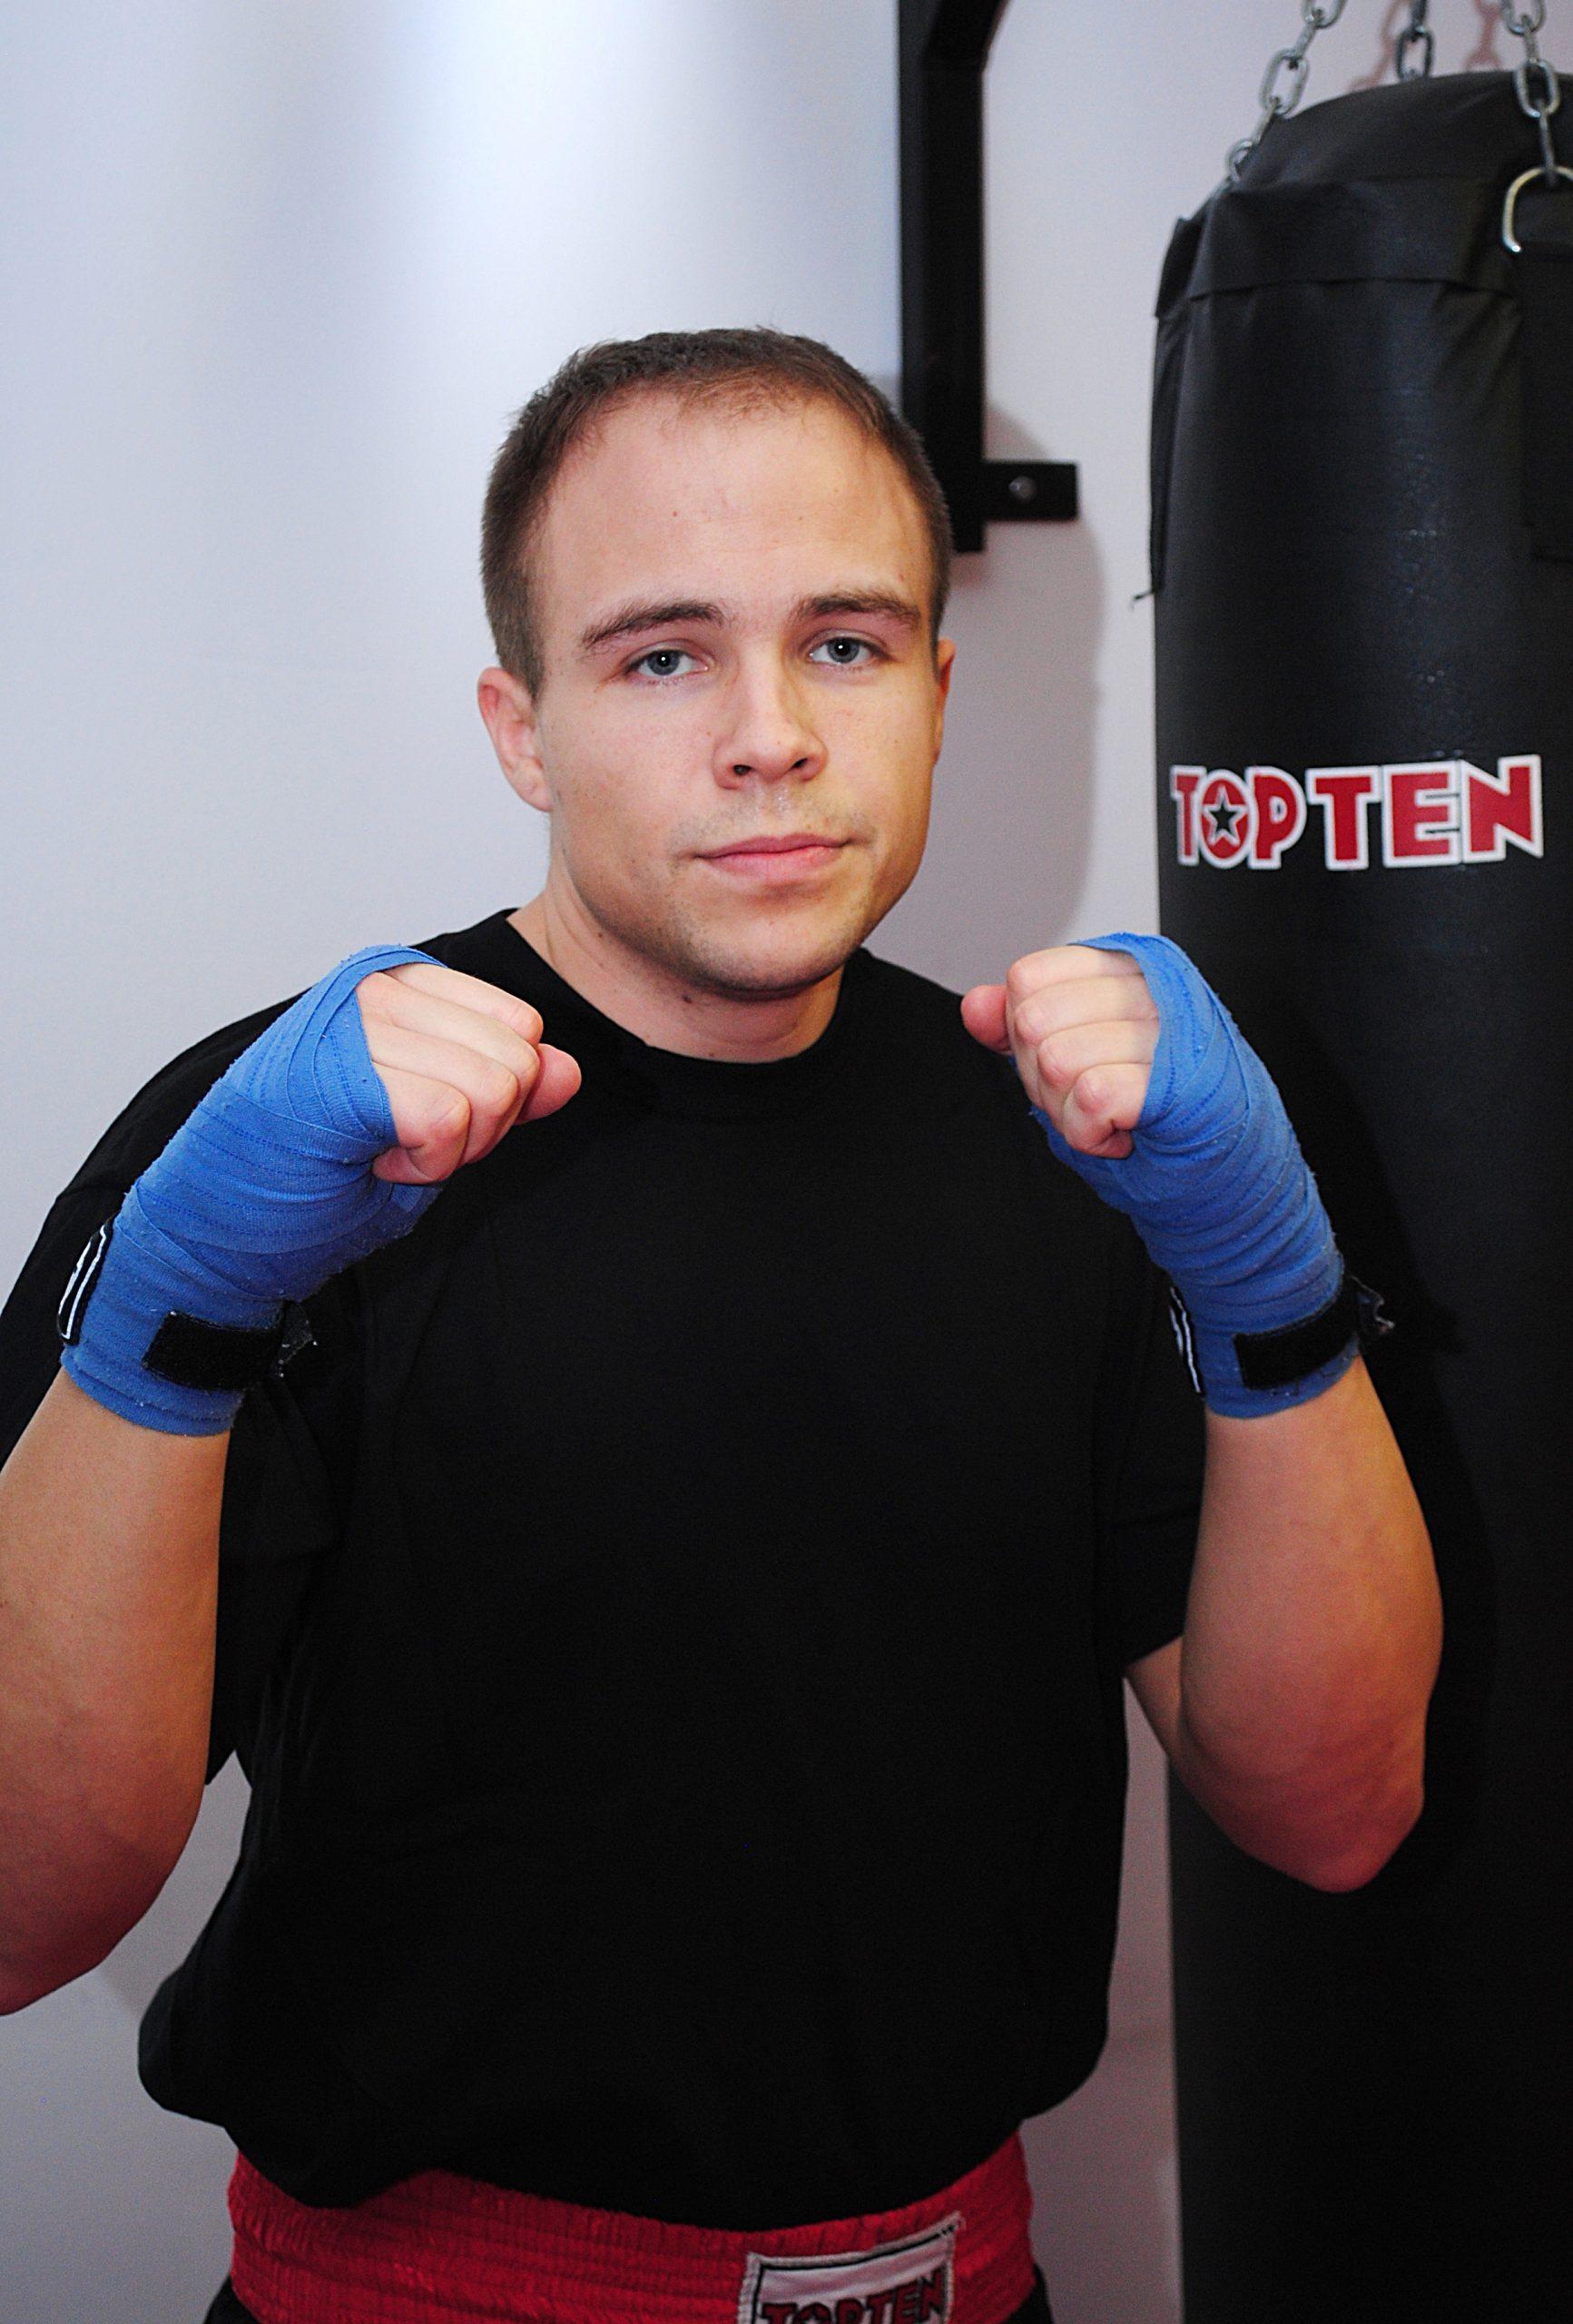 Alexander Achatz